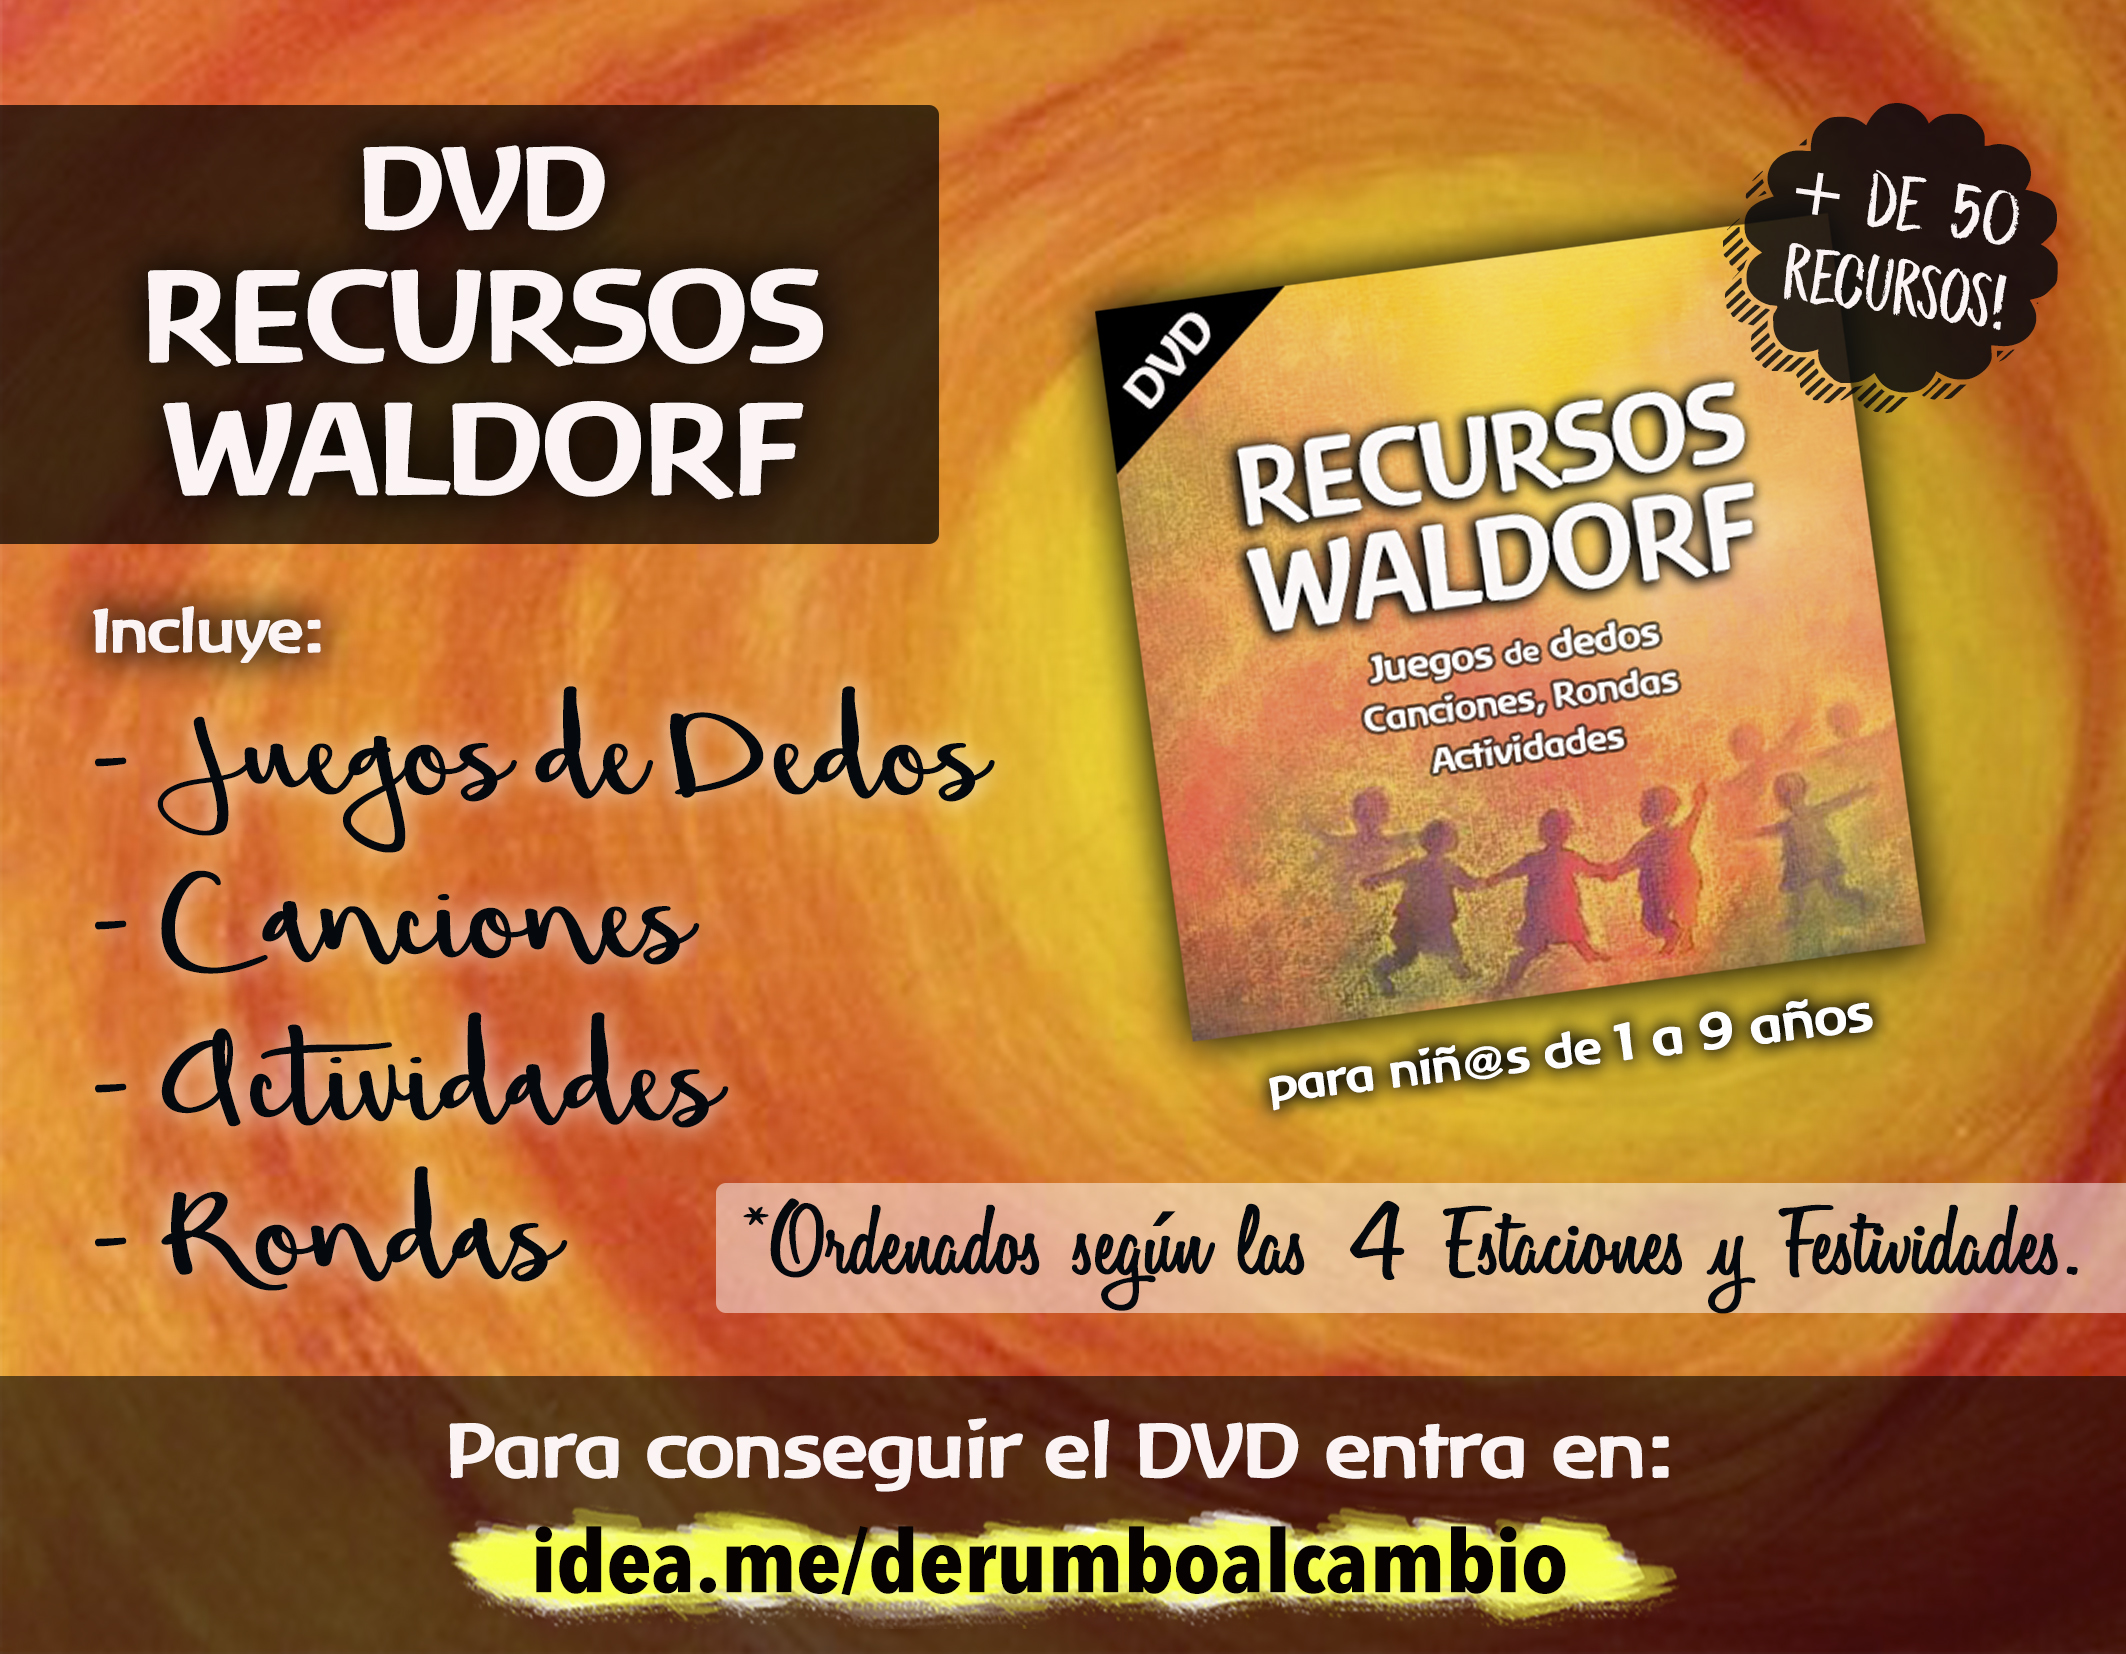 DVD RECURSOS WALDORF CROWDFUNDING rumbo al cambio